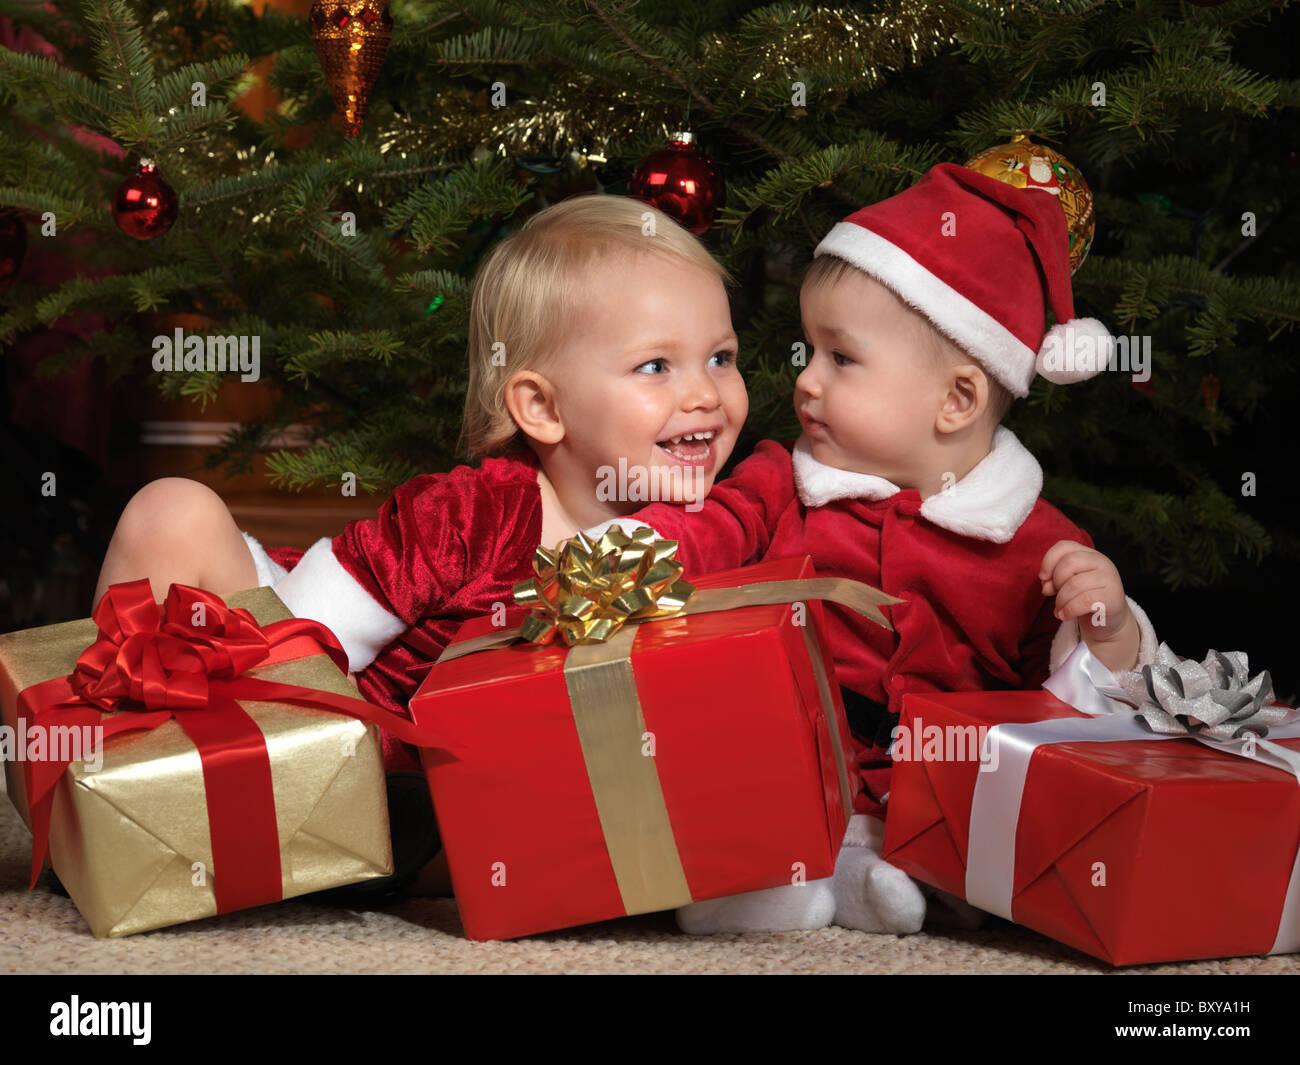 Die Geschenke Stockfotos & Die Geschenke Bilder - Alamy